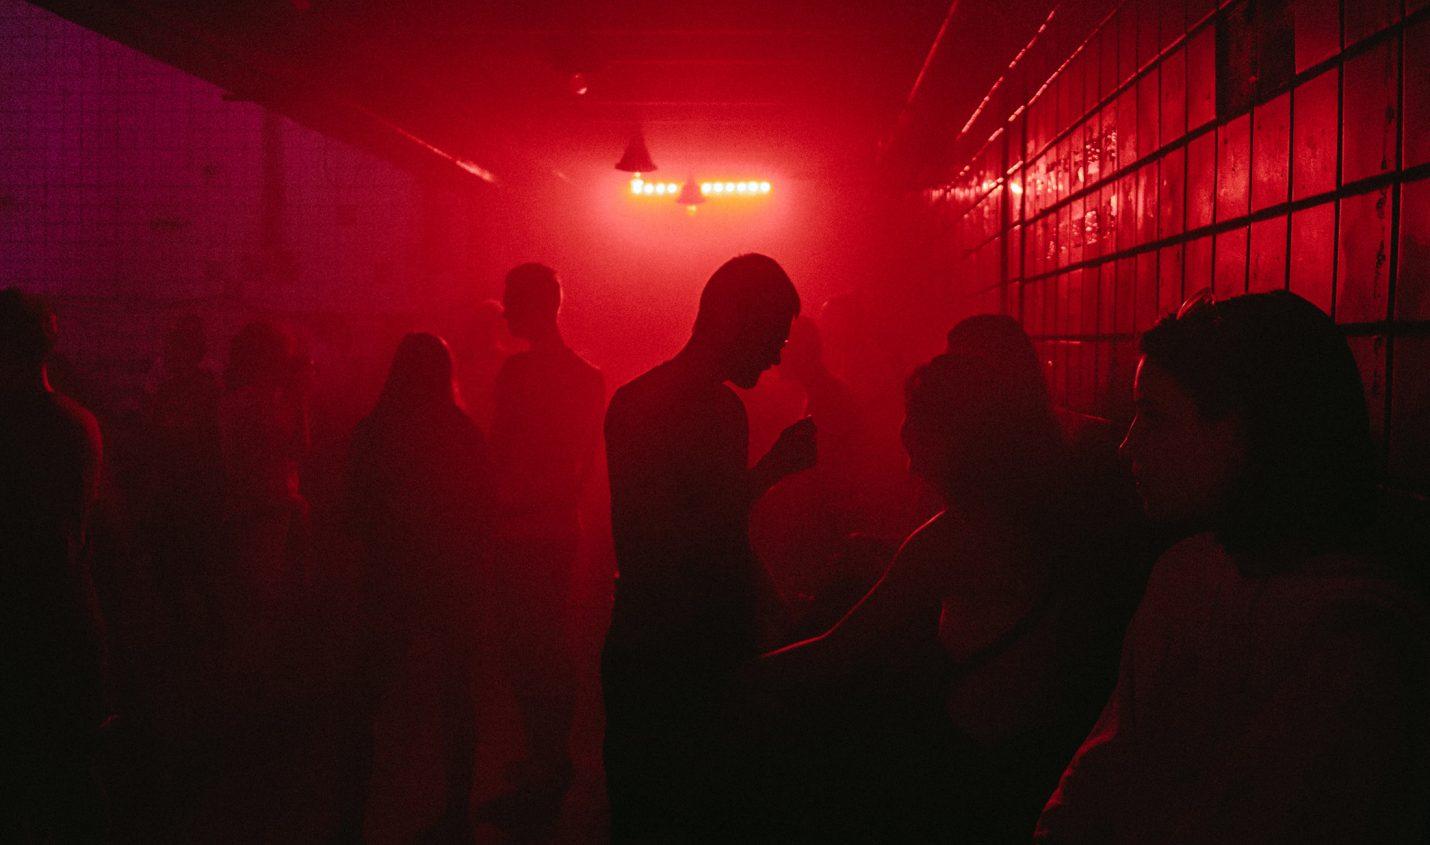 Die Linke will mit einem Antrag das Clubsterben stoppen - DJ LAB